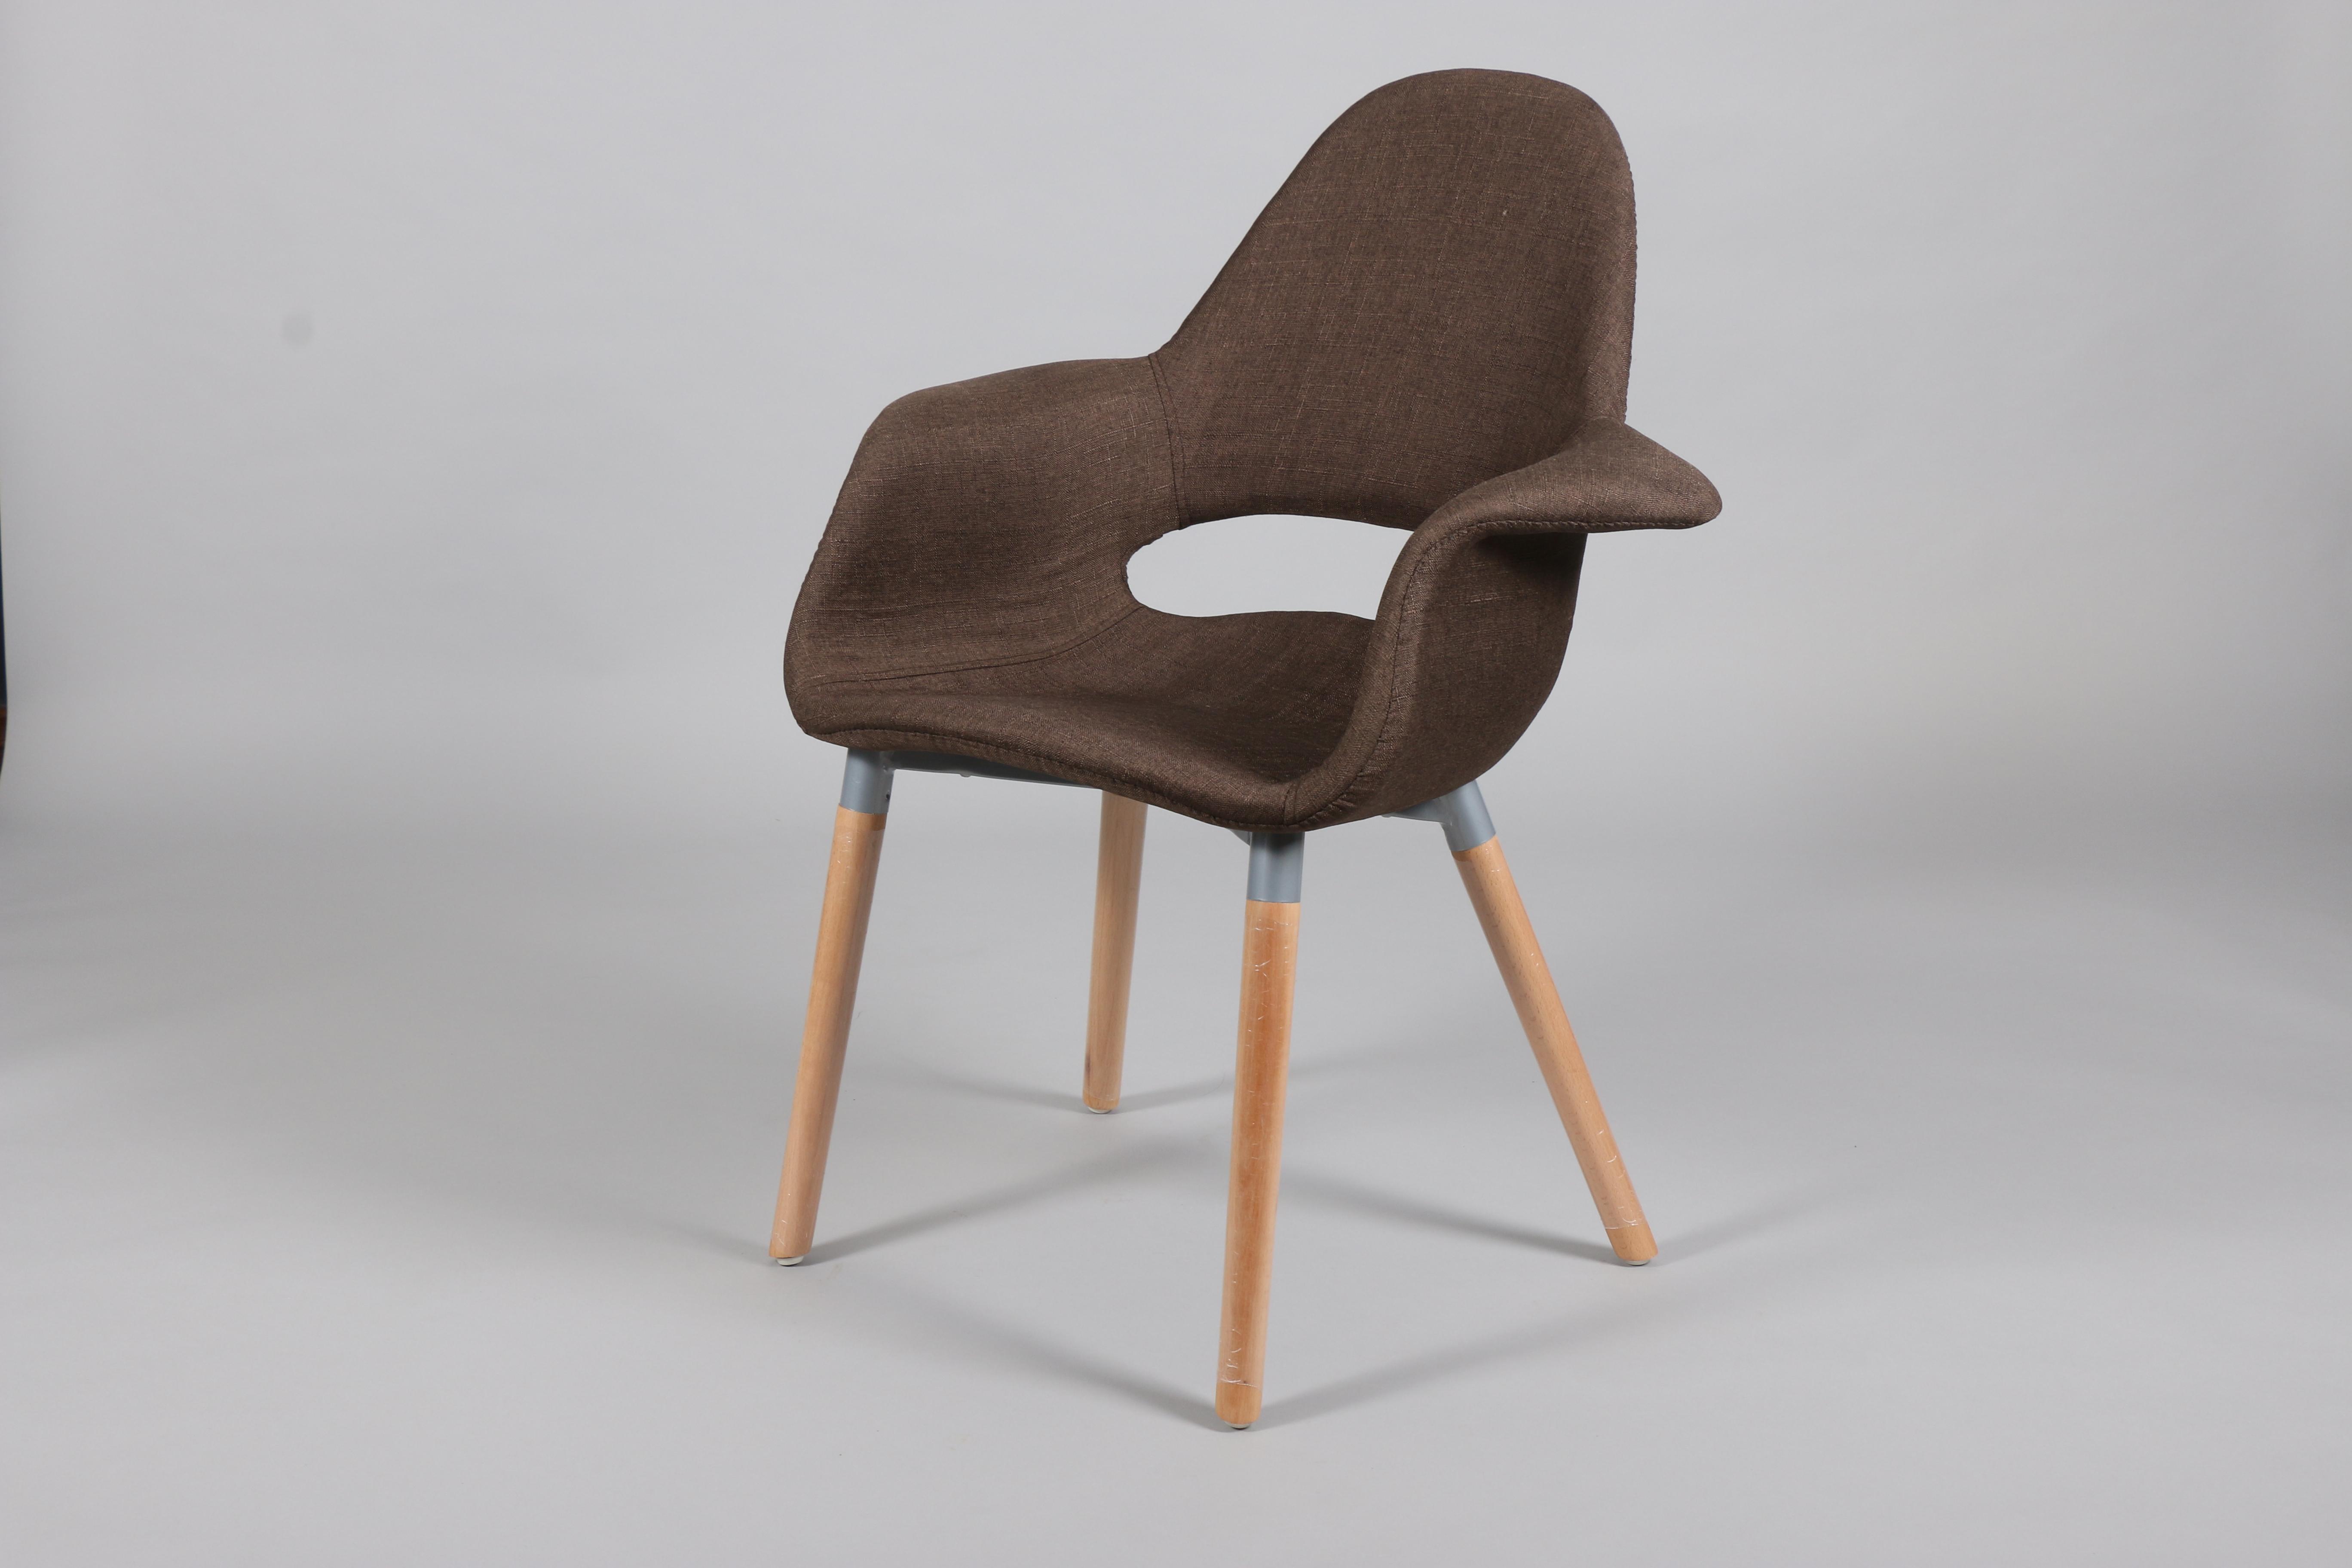 кафяв стол с дървени крака и таапицирана седалка